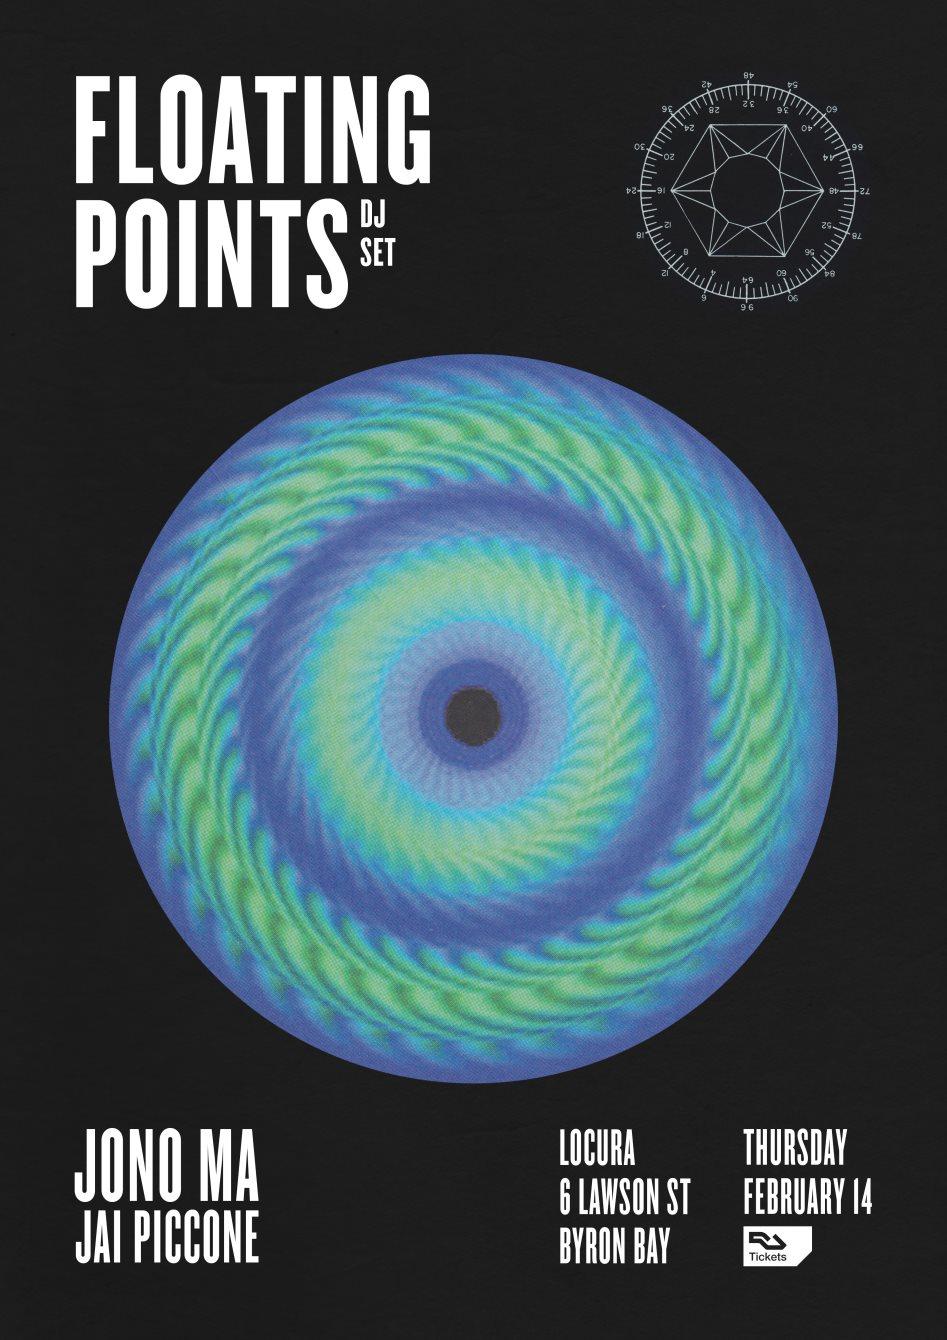 Floating Points (DJ Set) - Flyer front